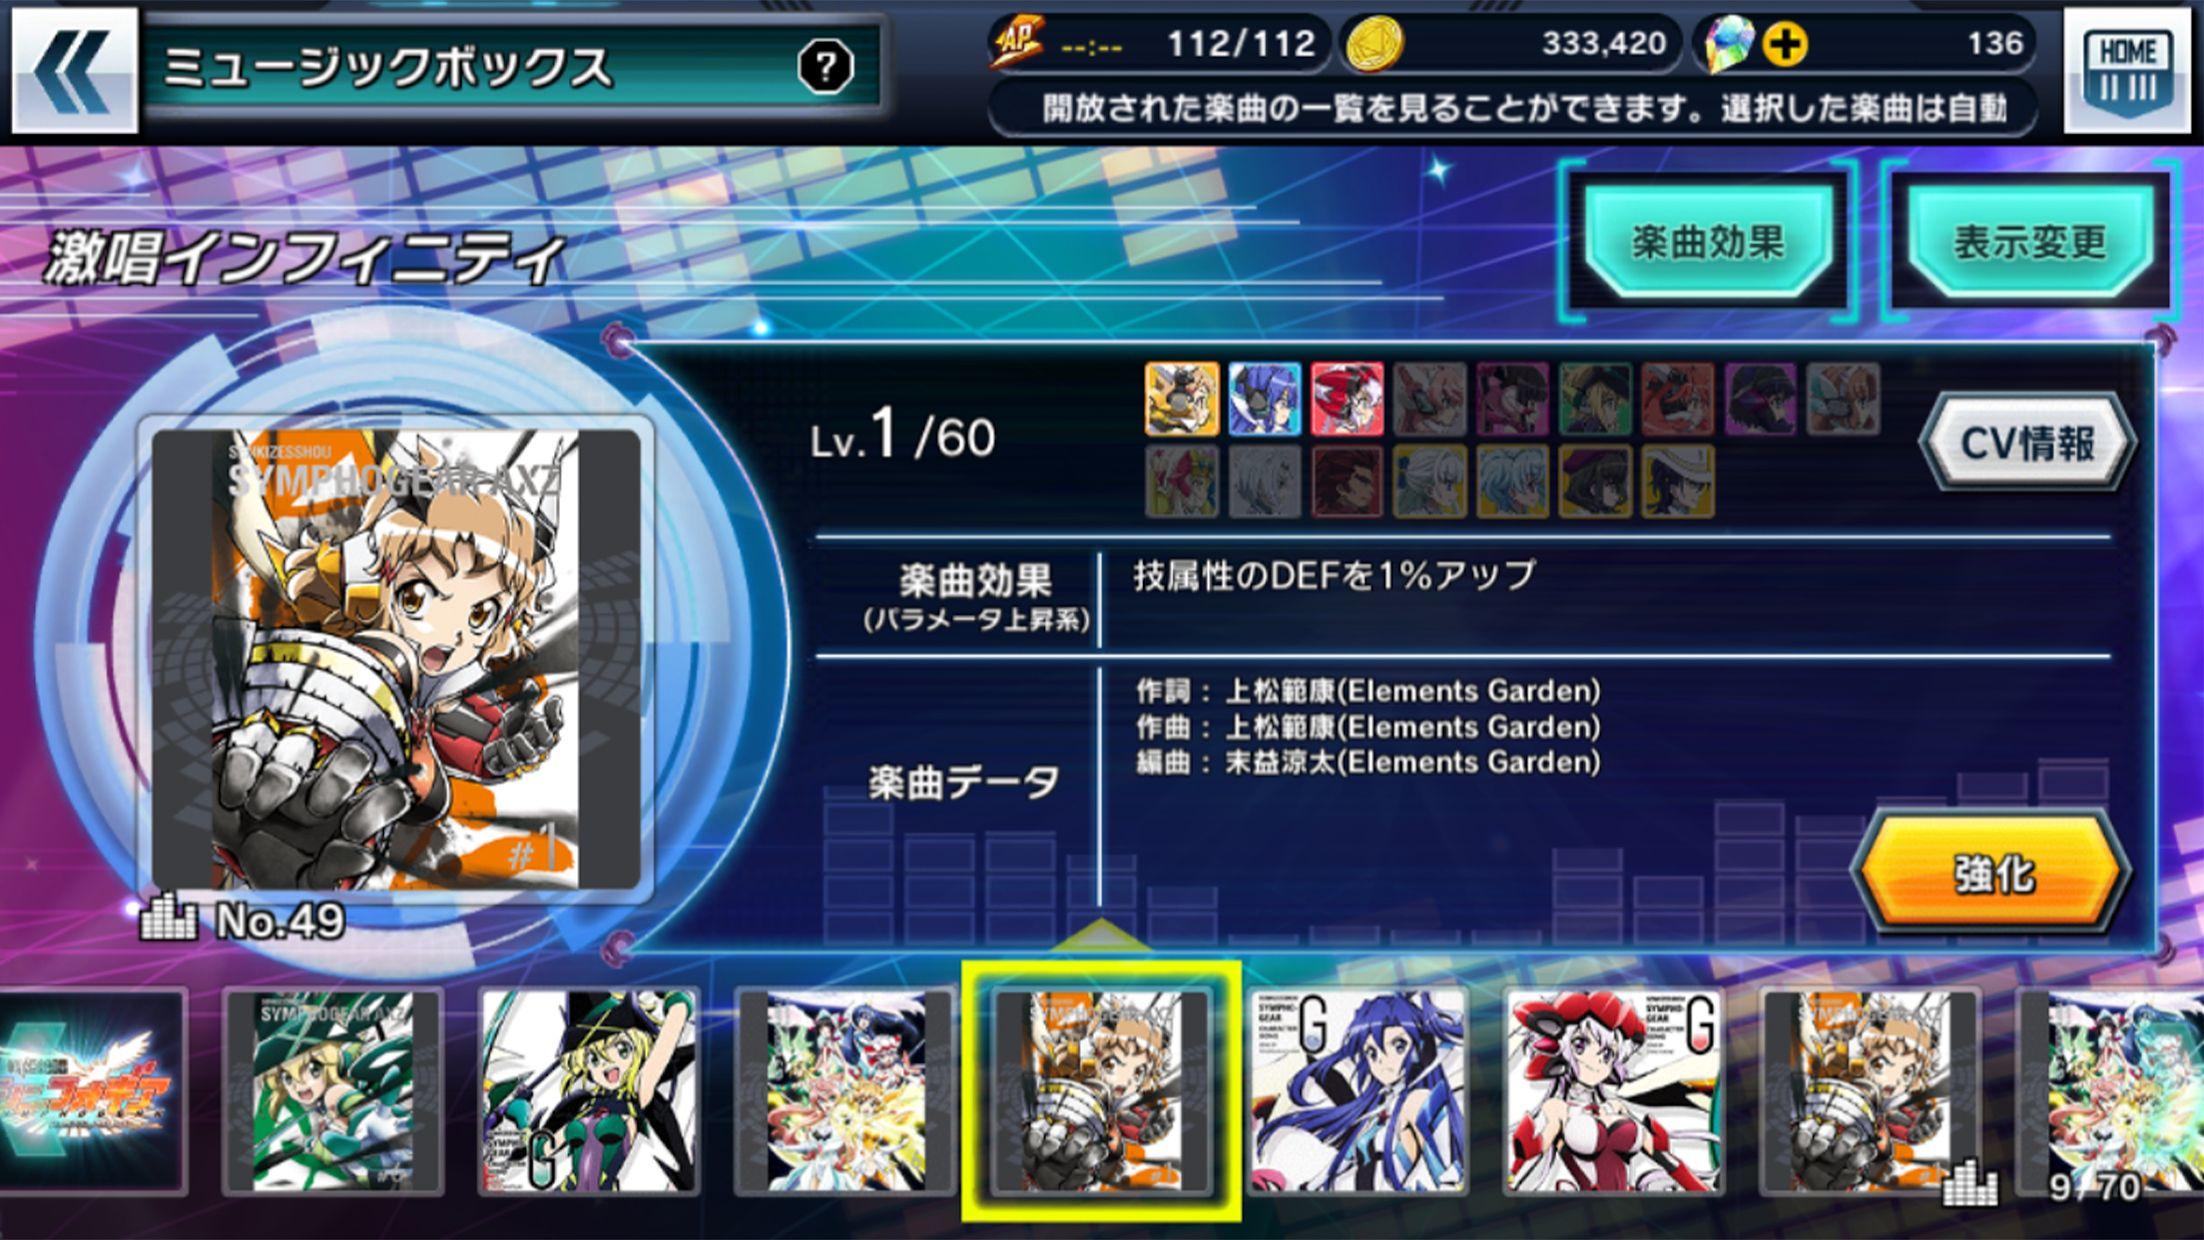 战姬绝唱 Symphogear XD UNLIMITED(日服) 游戏截图5